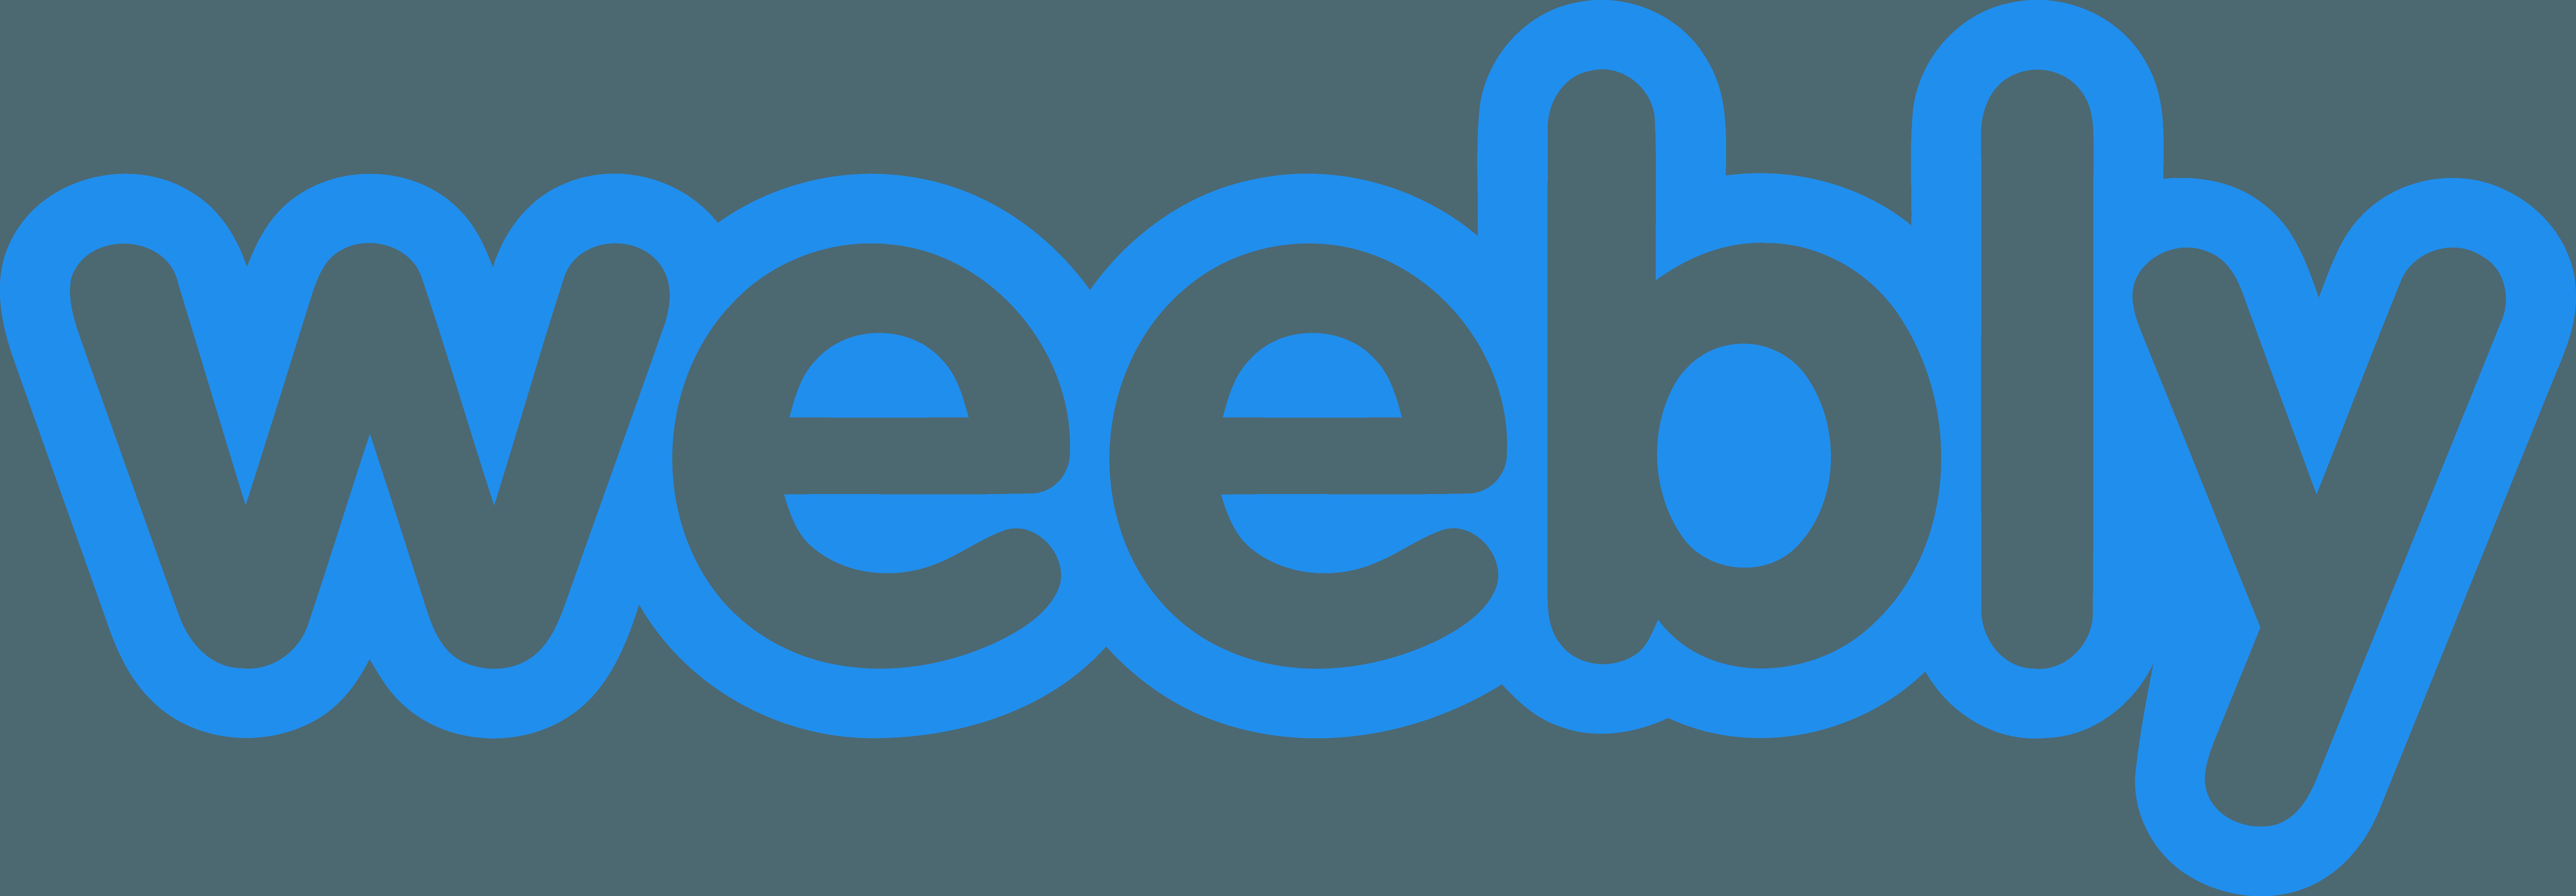 Weebly Logo Download Vector.